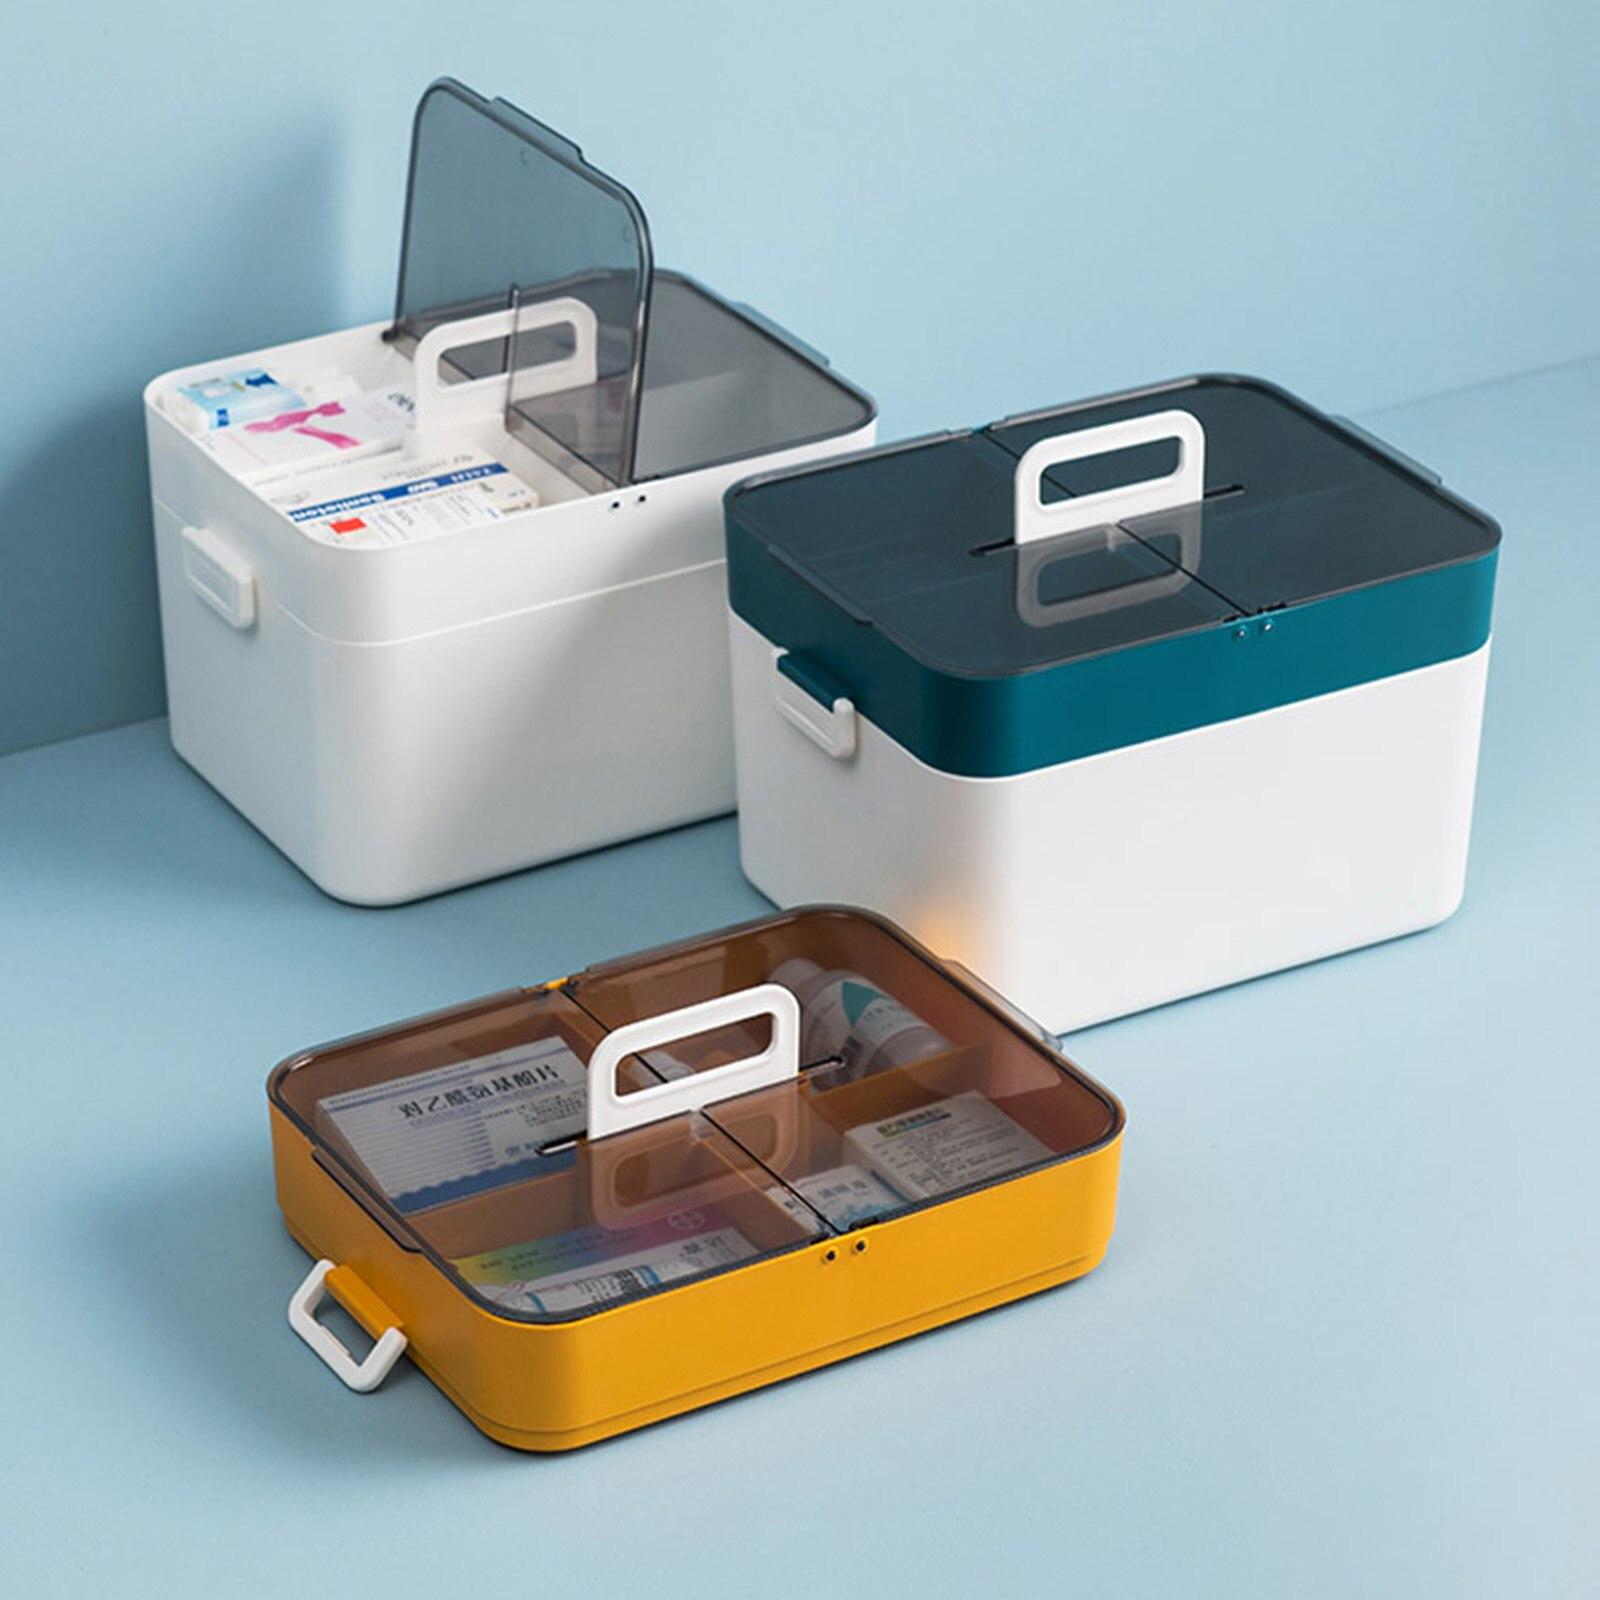 متعدد الطبقات البلاستيك صندوق الإسعافات الأولية المحمولة صندوق دواء صغير مع غطاء صندوق تخزين مستلزمات طبية منزلية